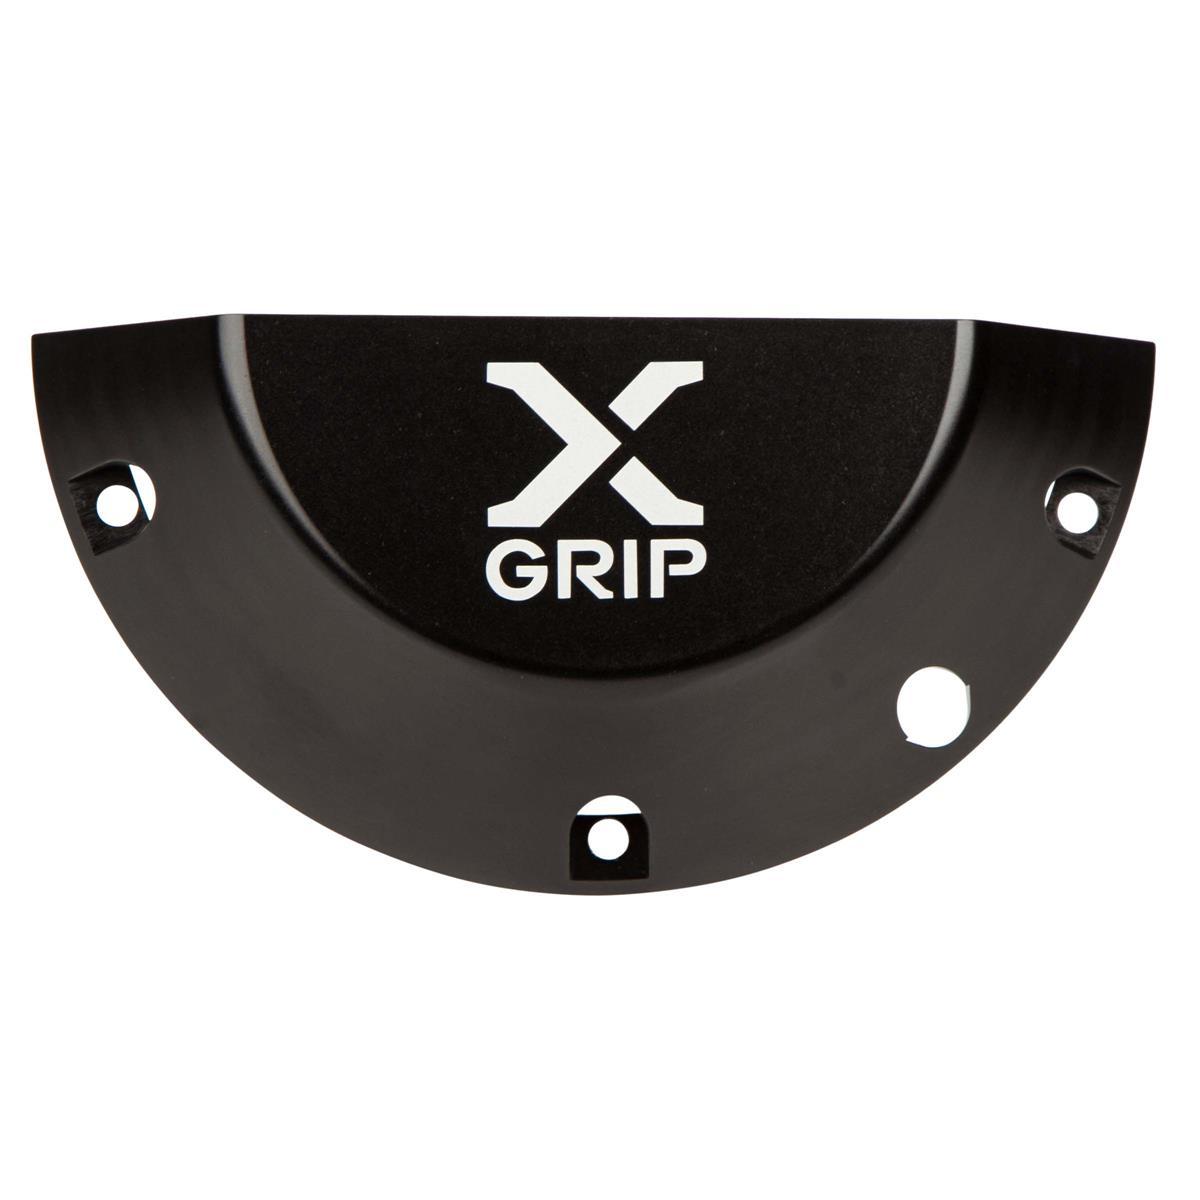 X-Grip Kupplungsschutz Clutch Cover Guard KTM EXC/EXC-F, Husqvarna TE/FE 17-19, Schwarz